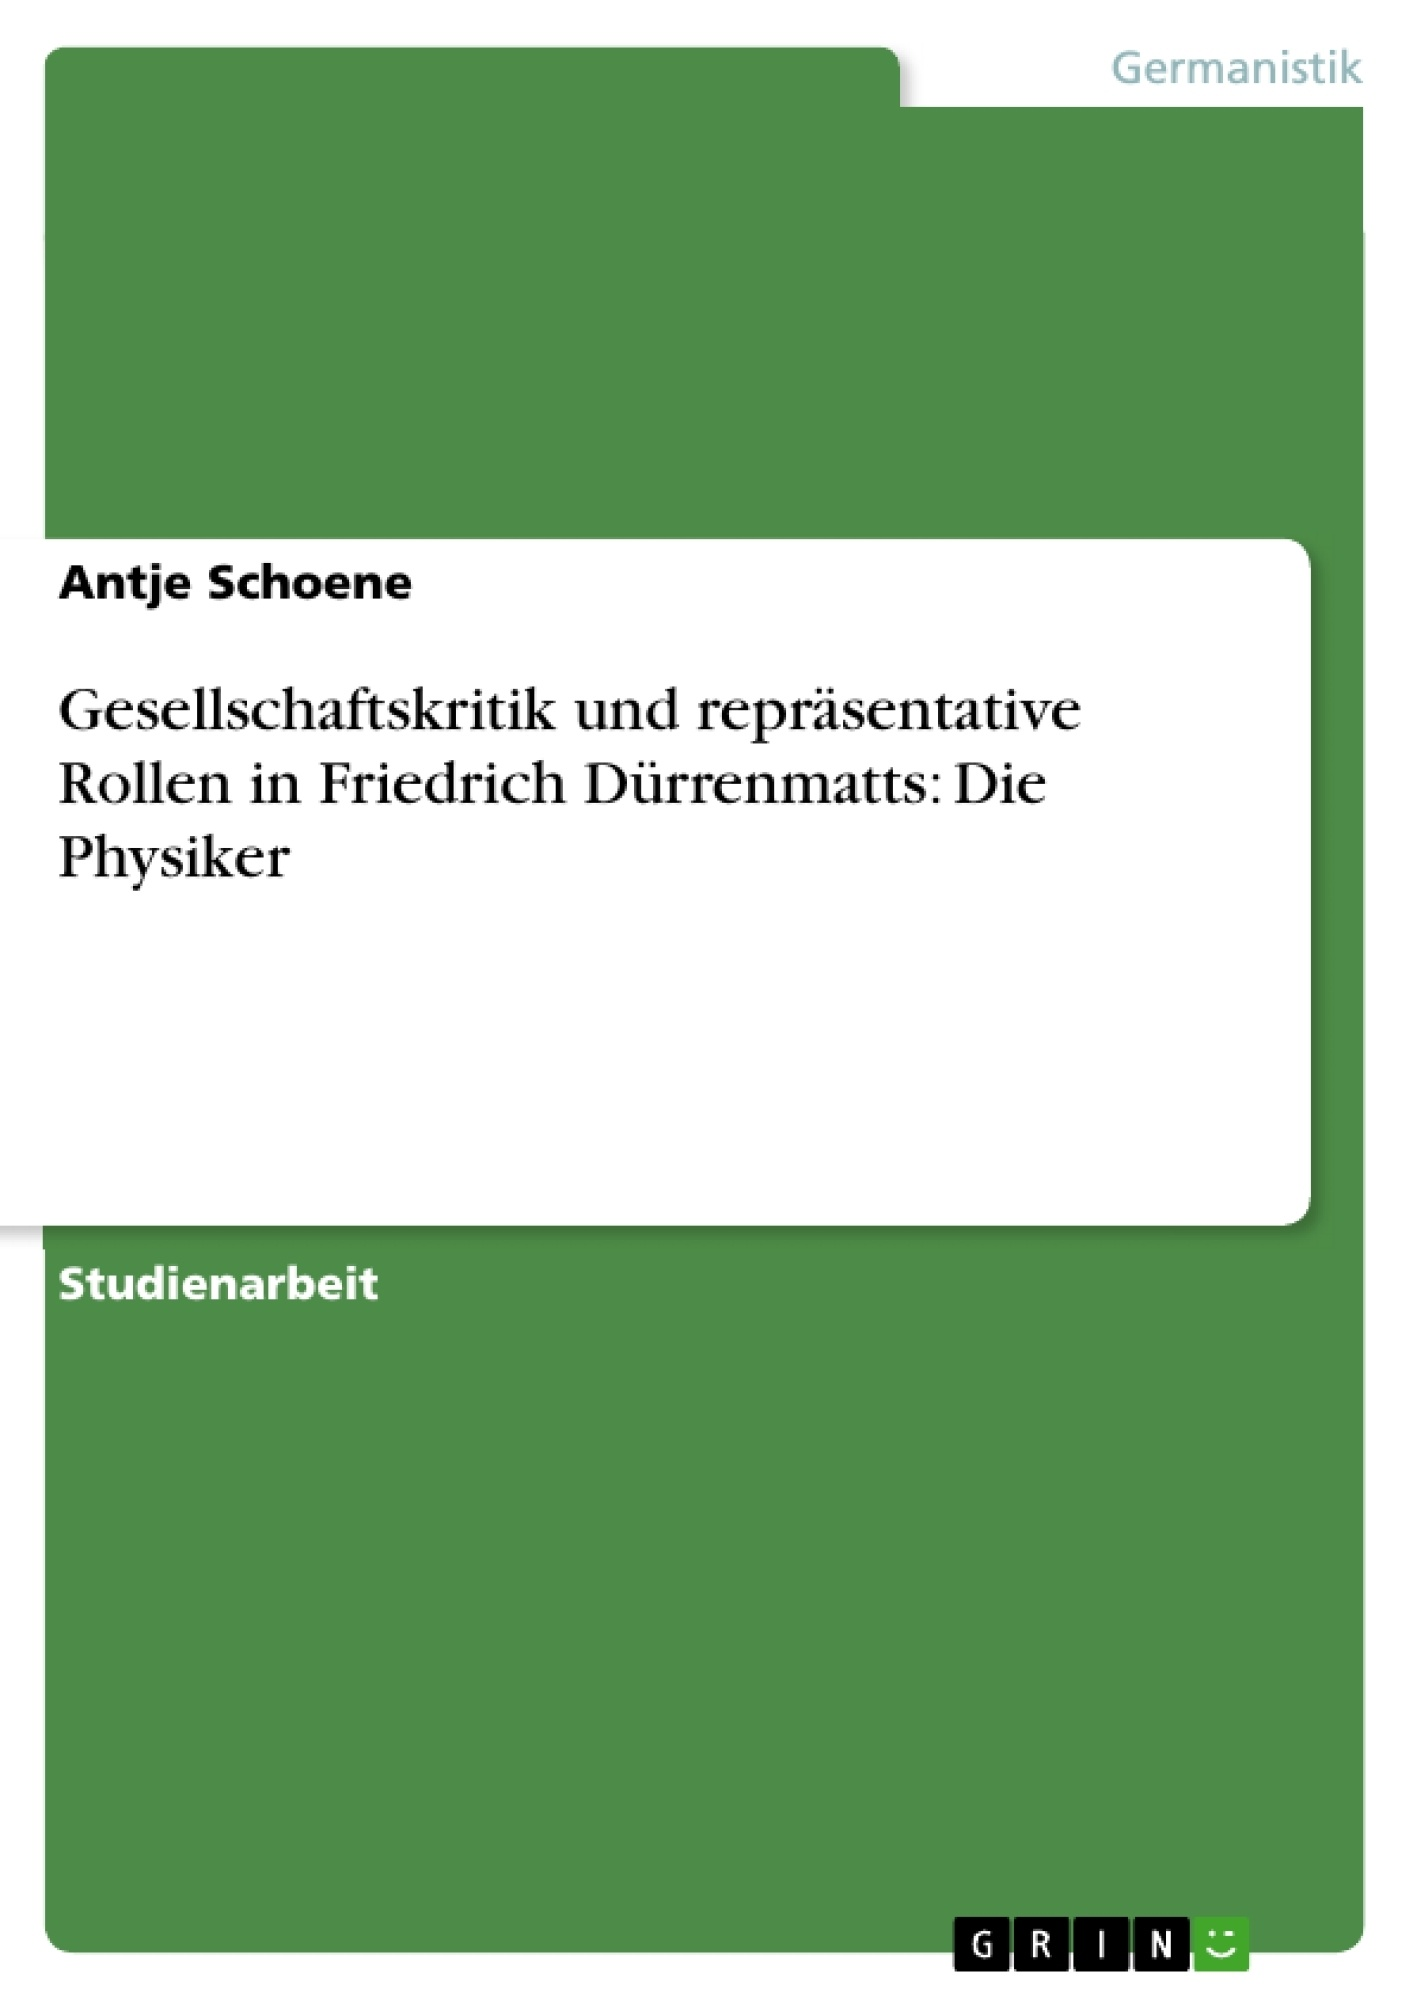 Titel: Gesellschaftskritik und repräsentative Rollen in Friedrich Dürrenmatts: Die Physiker